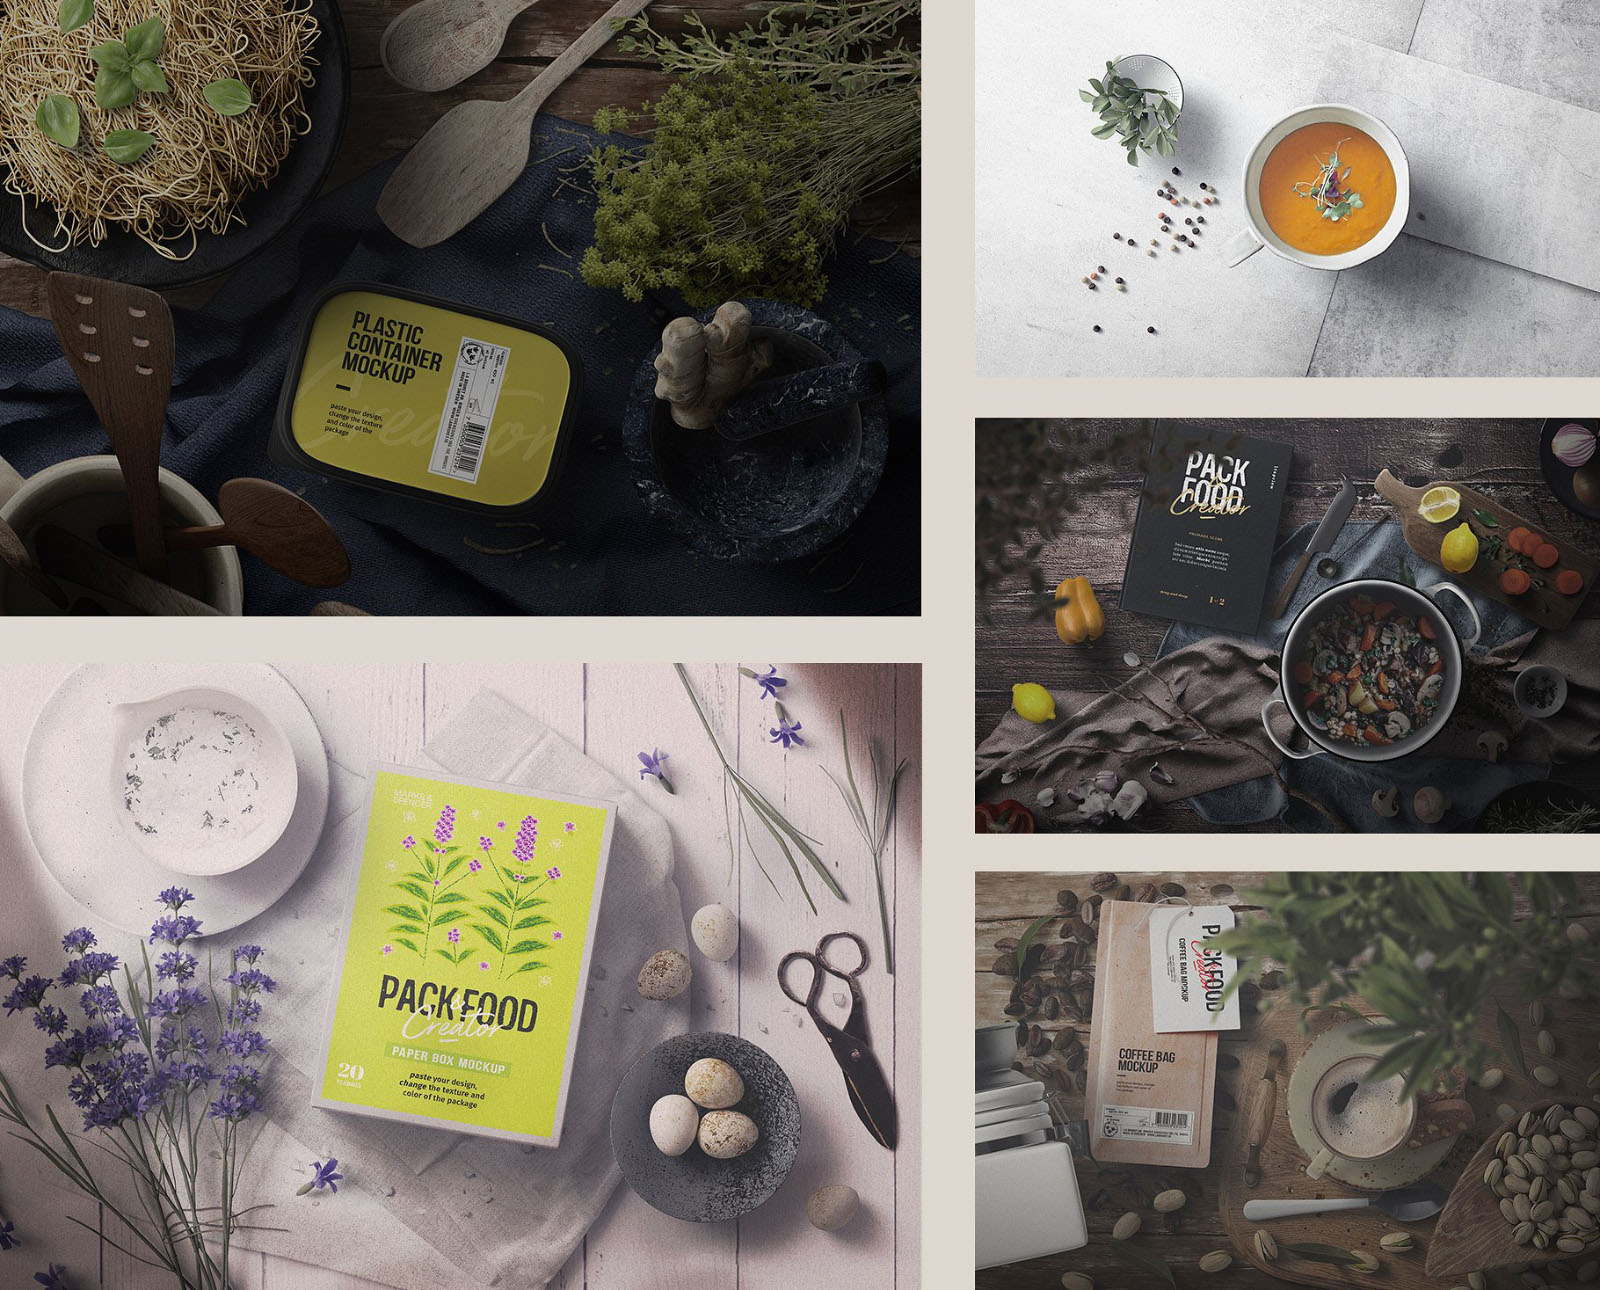 Food Packaging Mockup - Scenes